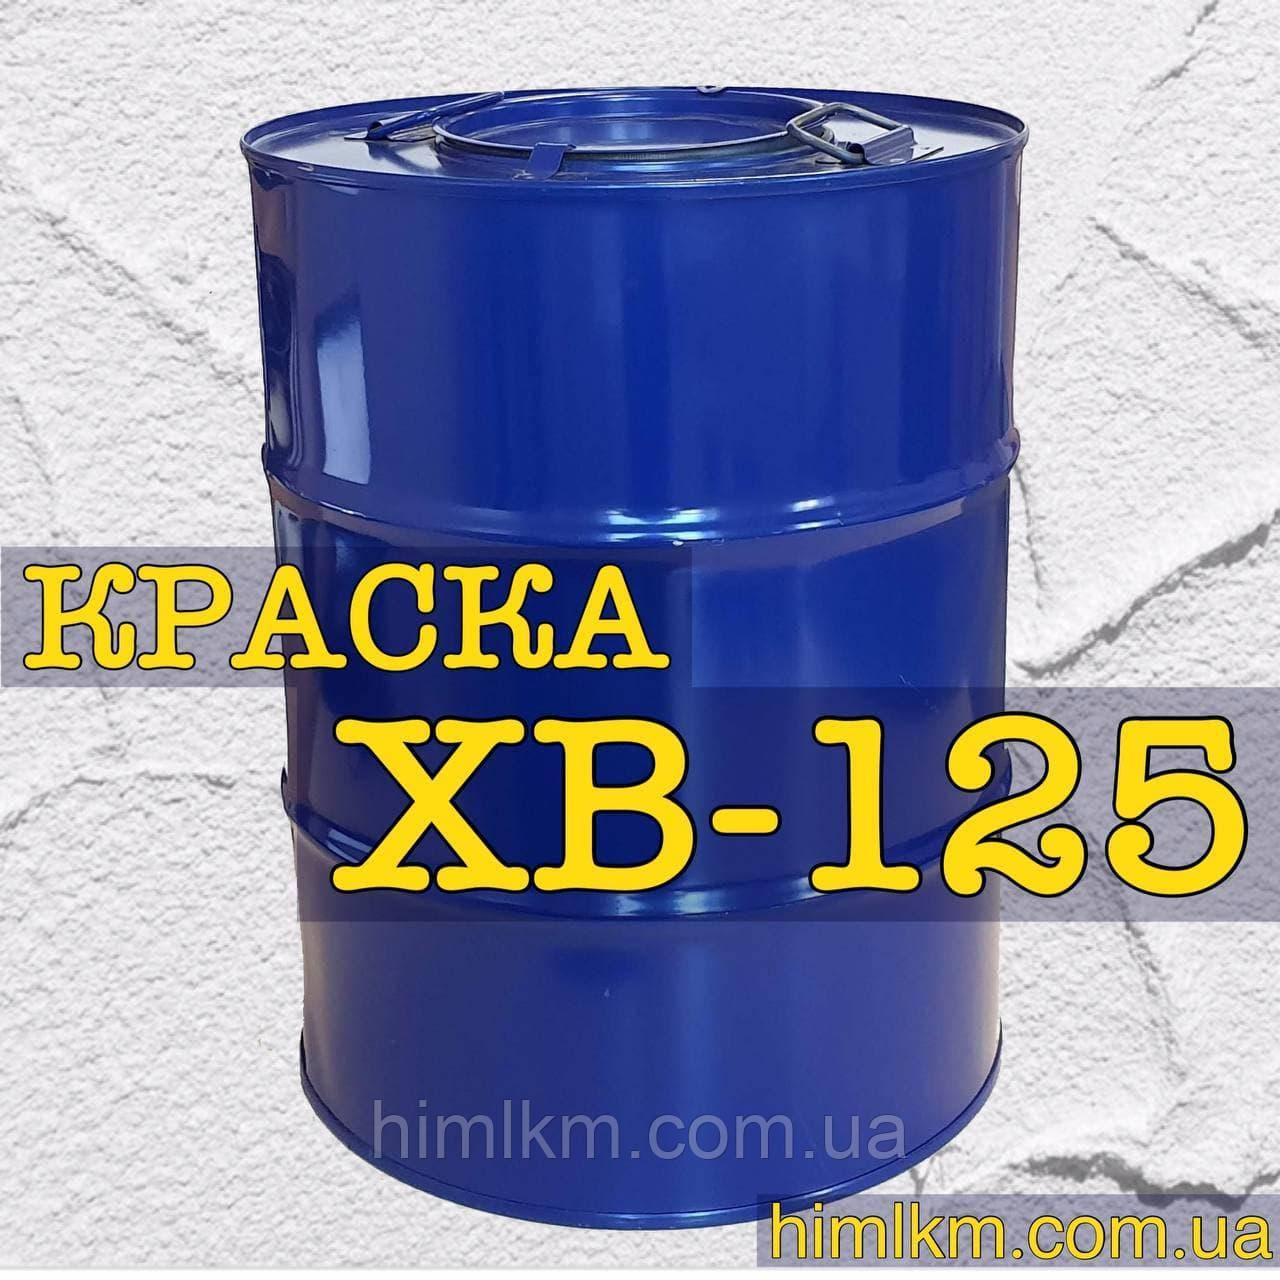 Фарба ХВ-125 для металевих і дерев'яних поверхонь, експлуатованих в тропіках, 50кг